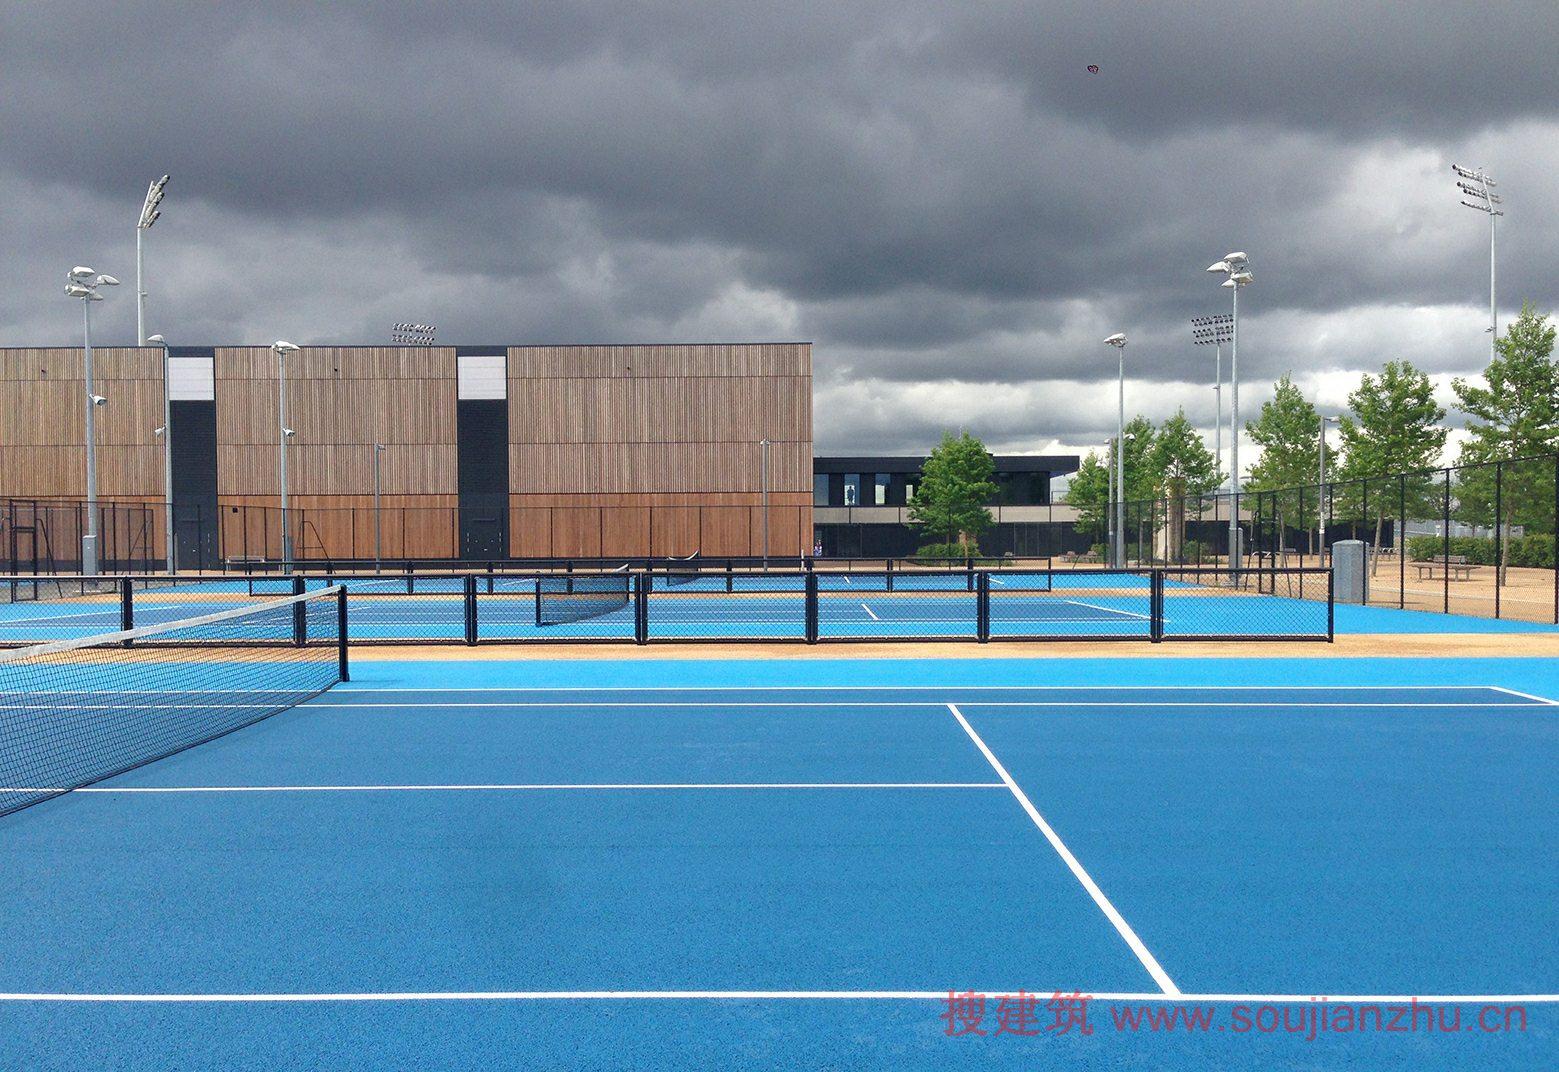 建筑师:Stanton Williams 地点:英国 伦敦 建筑面积:5602平方米 场地面积:146590平方米 该项目是由Stanton Williams设计的,Lee Valley曲棍球和网球中心是伦敦2012年一个鼓舞人心的遗产地点。作为女王伊丽莎白奥林匹克公园北部的门户,它标志着伊顿庄园的场地改造的最后阶段,它曾经作为伦敦2012年奥运会和残奥会的水上训练和残奥会轮椅网球场地唯一历史上残奥会的专用场地成为世界一流的体育设施建设。 在这最后的模式,它将成为英格兰曲棍球的主要活动的场地,